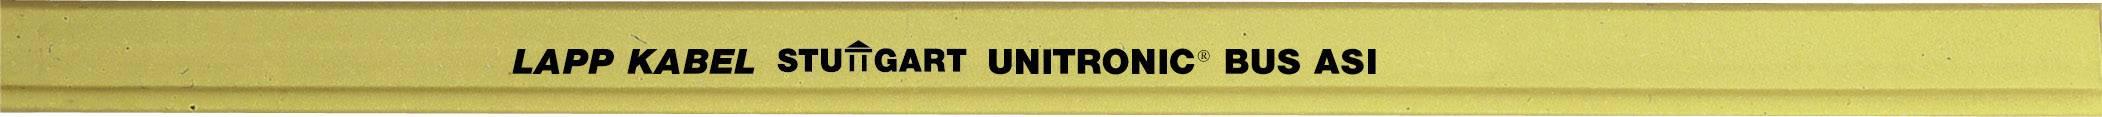 Sběrnicový kabel LappKabel UNITRONIC® BUS 2170230, žlutá, 500 m